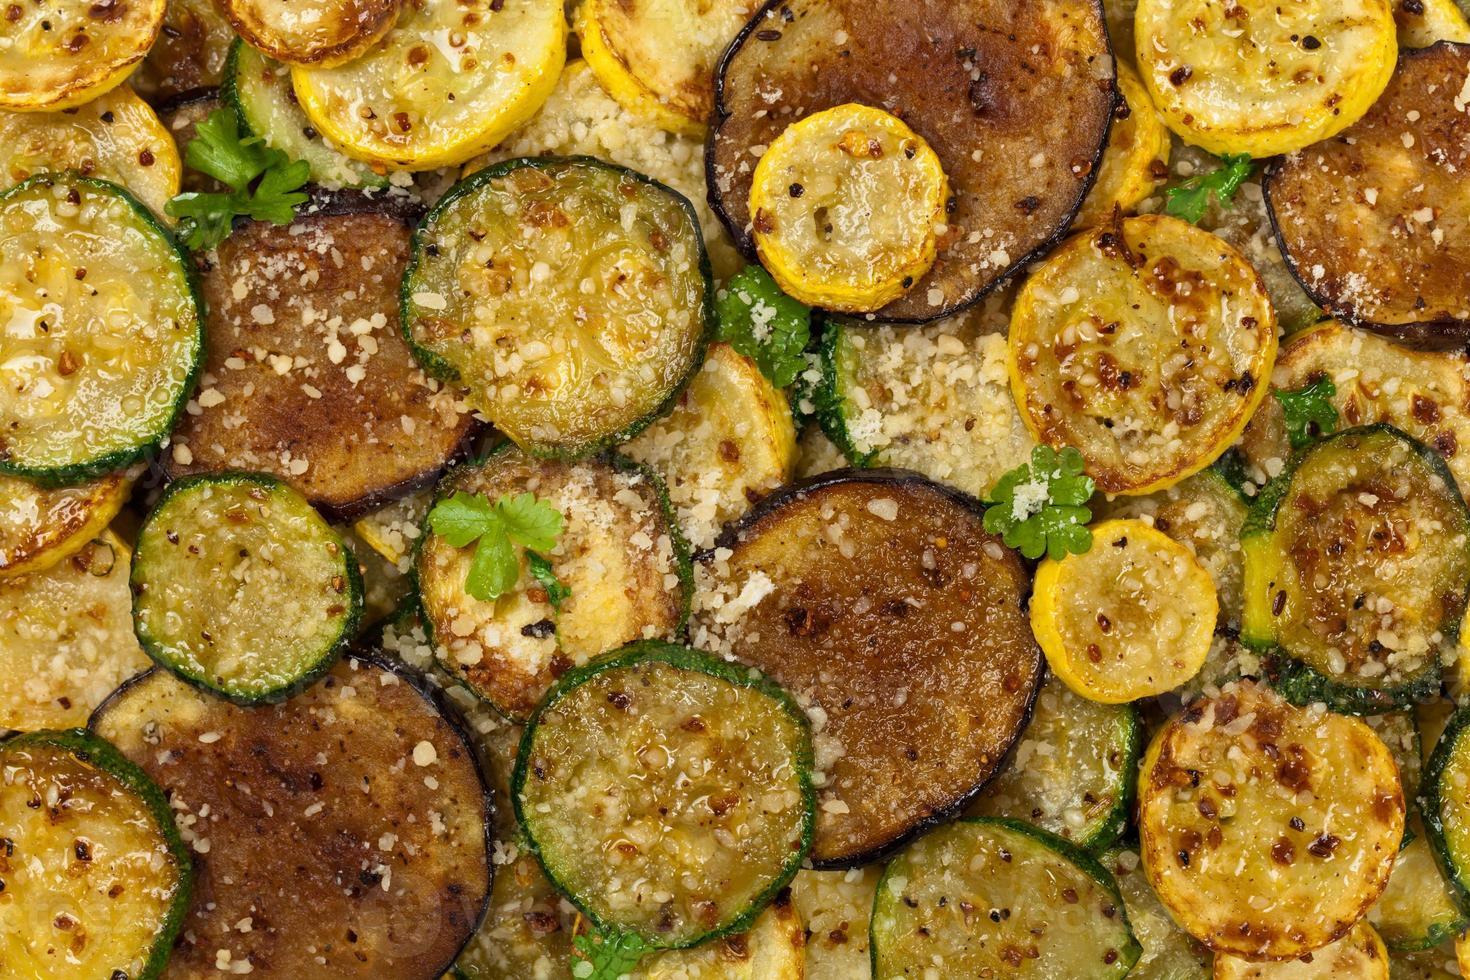 verdure saltate con parmigiano foto